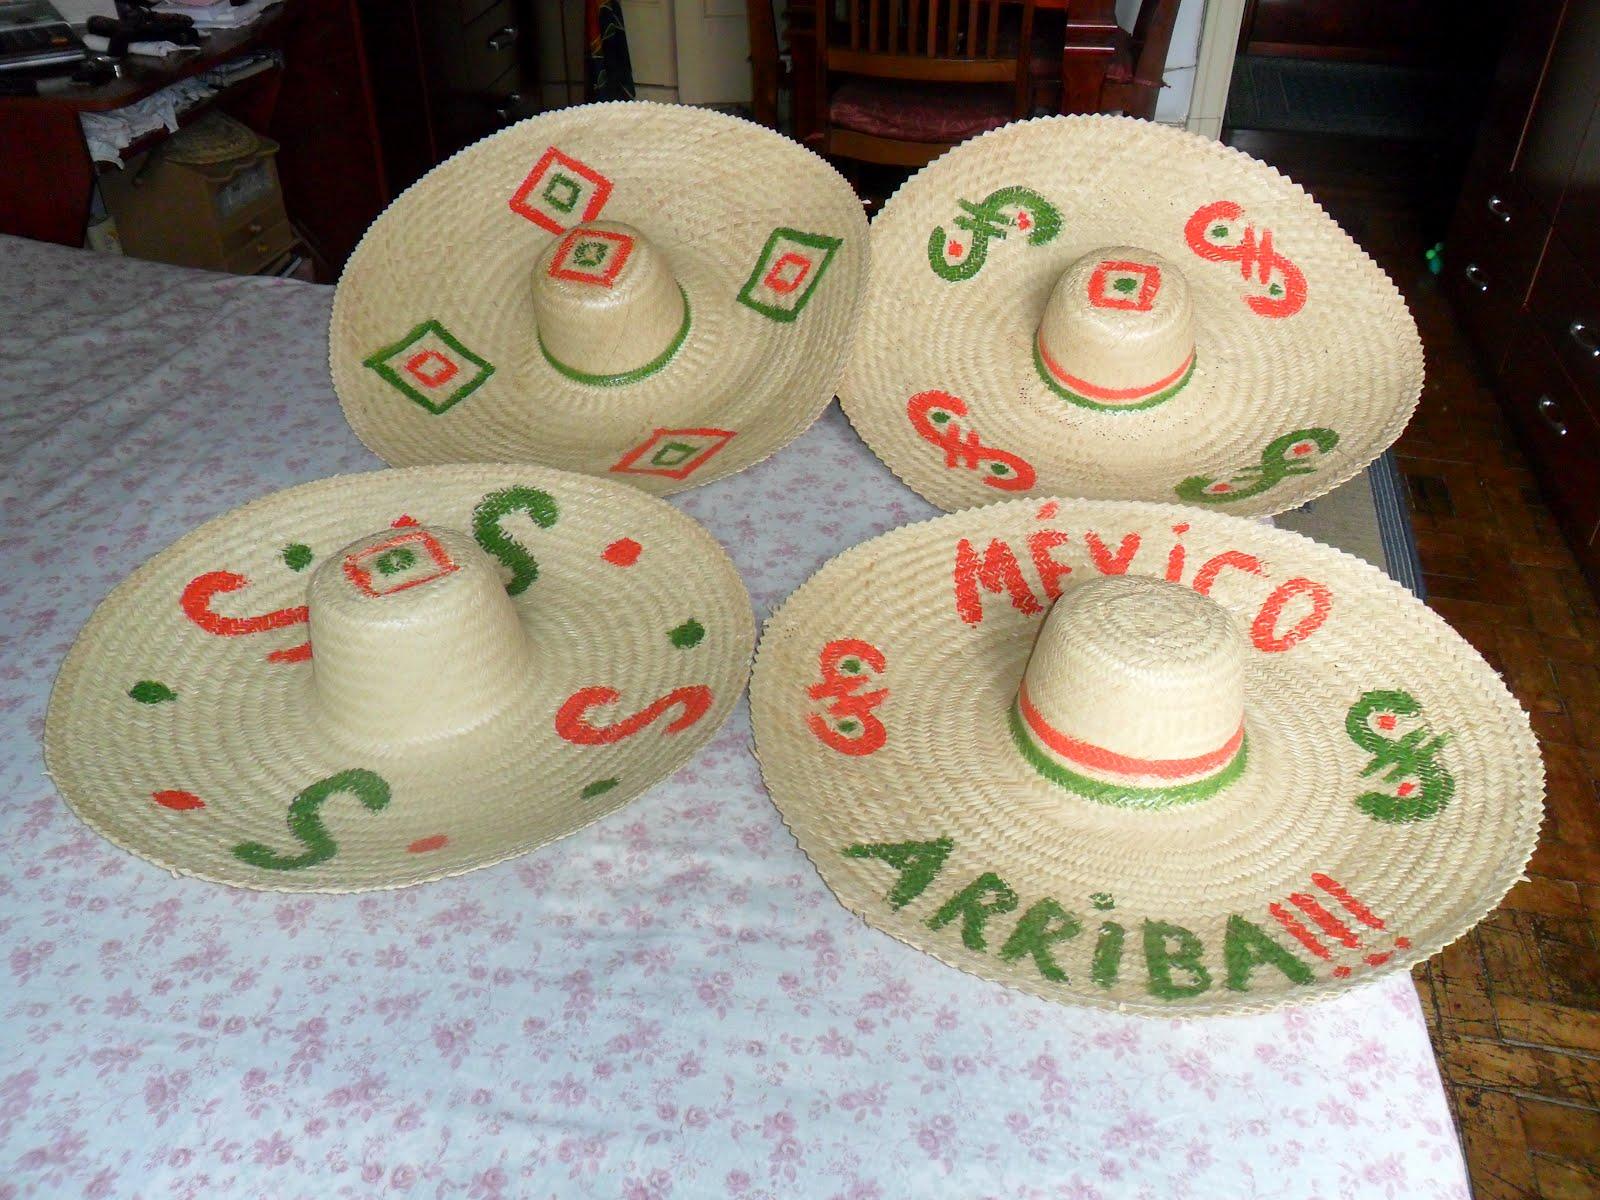 CHAPEUS MEXICANOS DE PALHAS PINTADOS Tels (11)3333-3697   Claro 97677-5588    E-mail  mexicoeventos terra.com.br 56d5efa1ba3